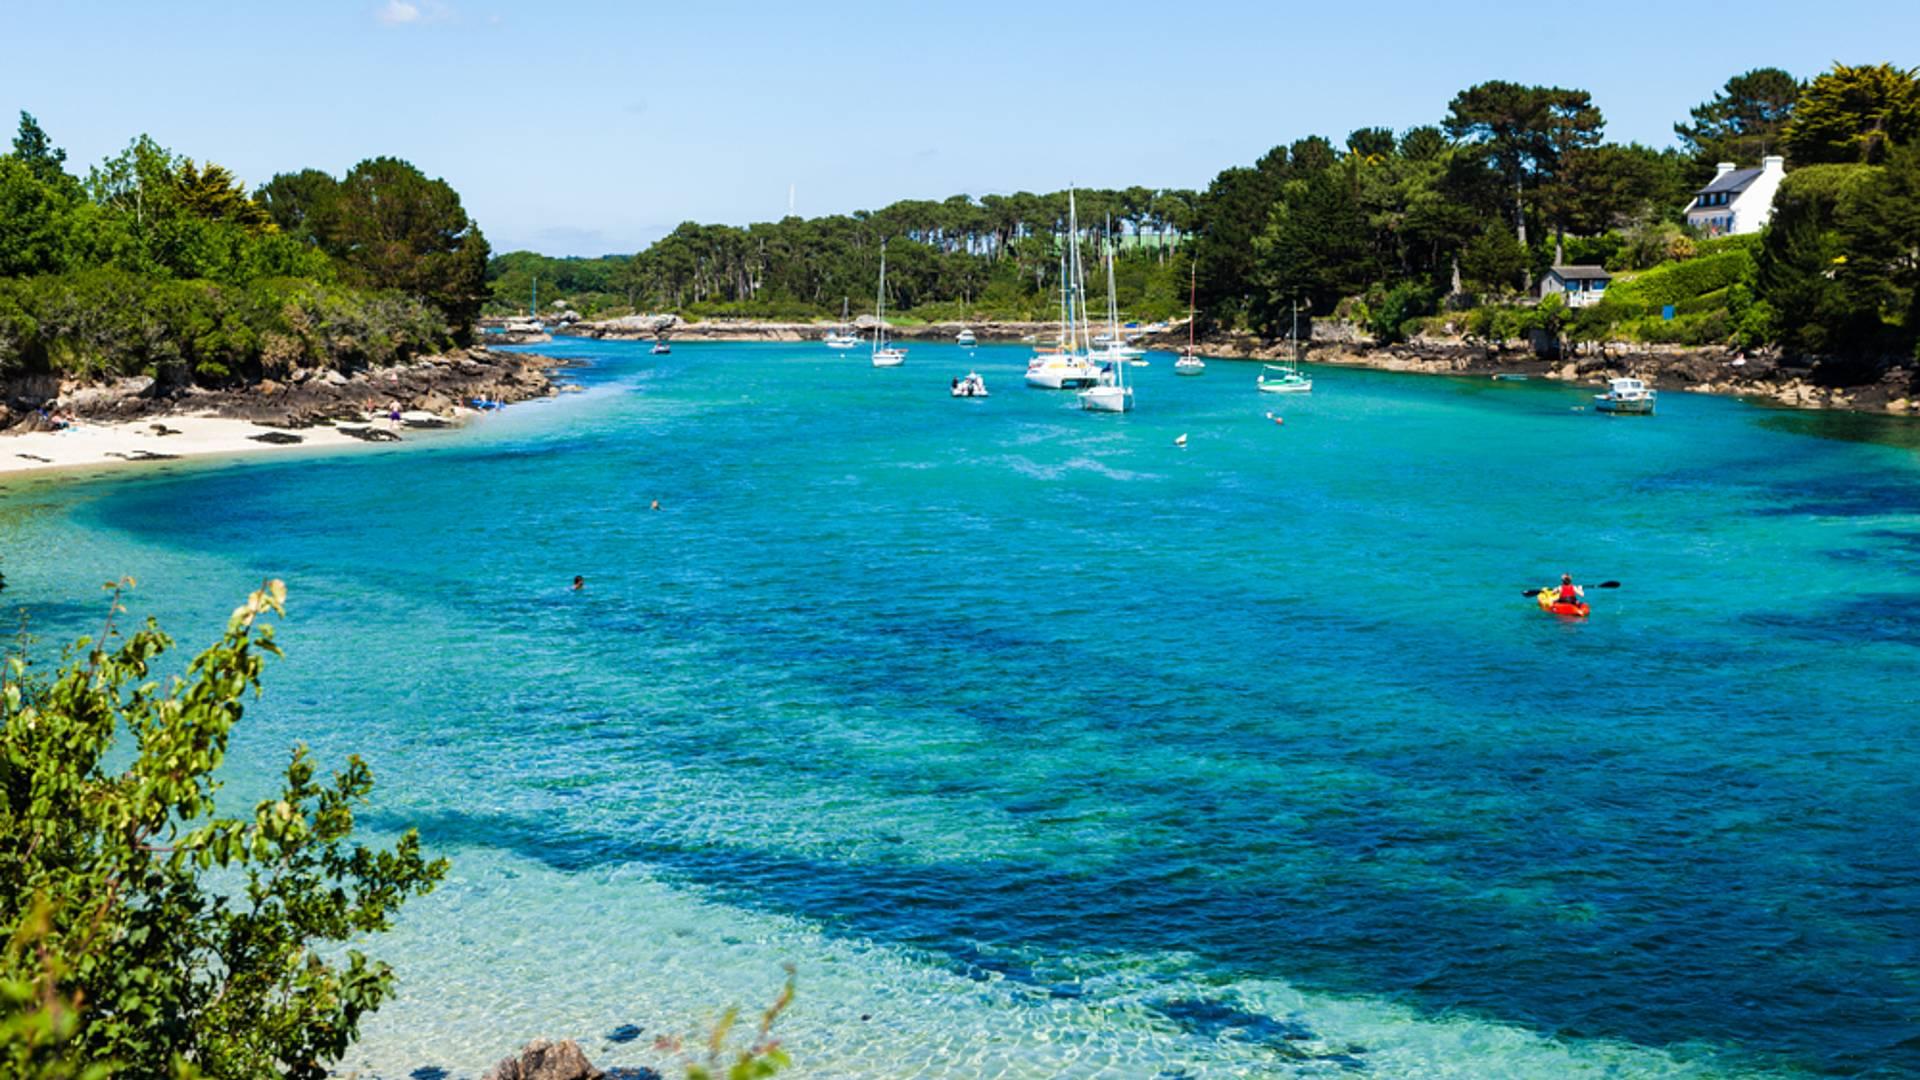 Traditions et plages paradisiaques en Bretagne du sud : Quimper, Concarneau, Vannes et les îles